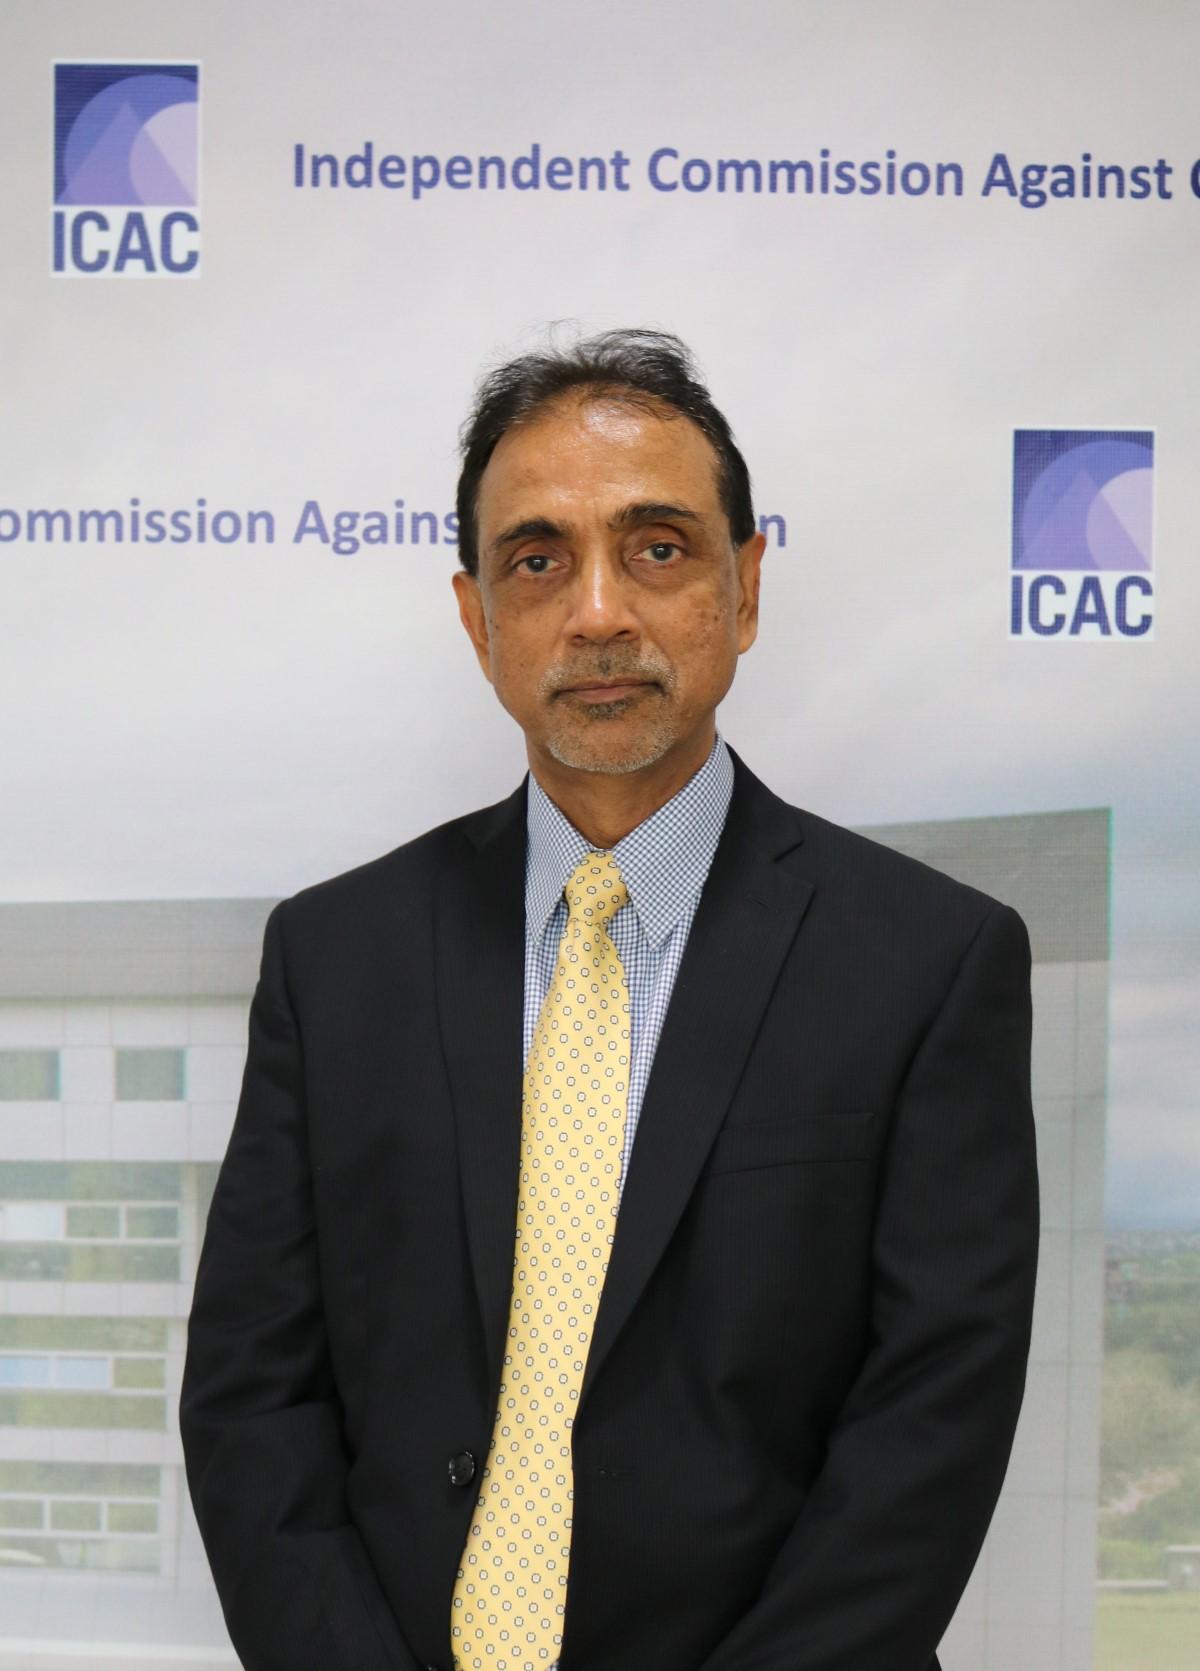 """Affaire Kistnen : l'Icac déclare que le contenu de la lettre de Rama Valayden est """" irrationnel, sans fondement et exagéré"""""""